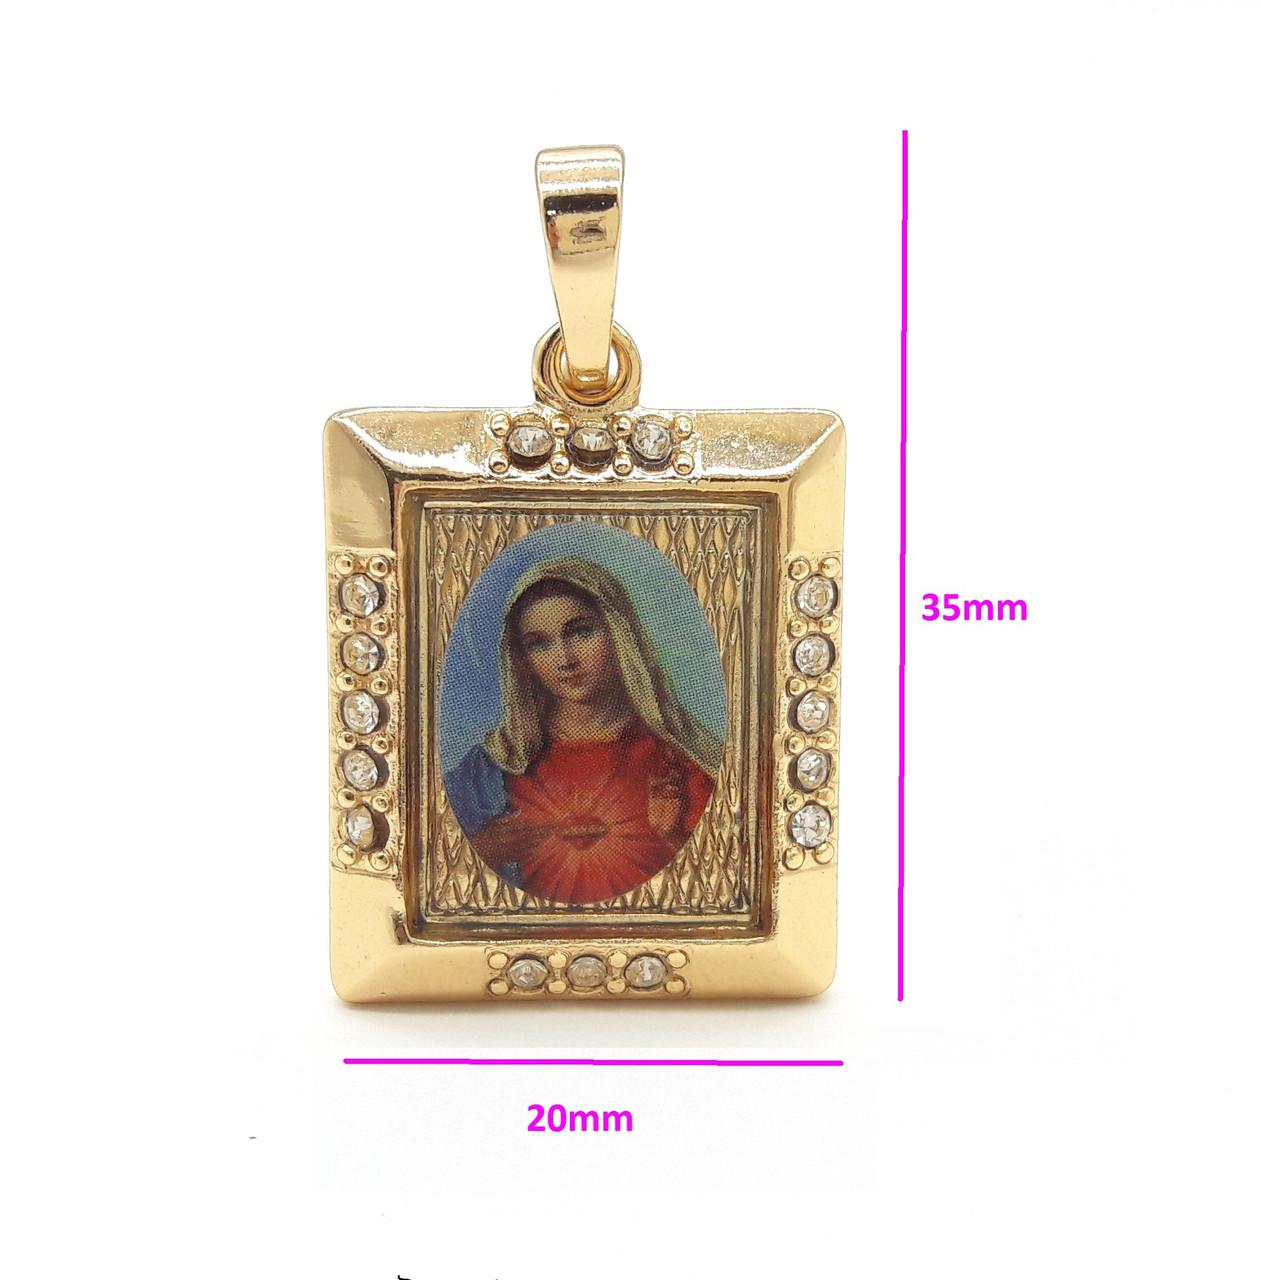 Ладанка квадратная, Богородица с цирконием, позолота